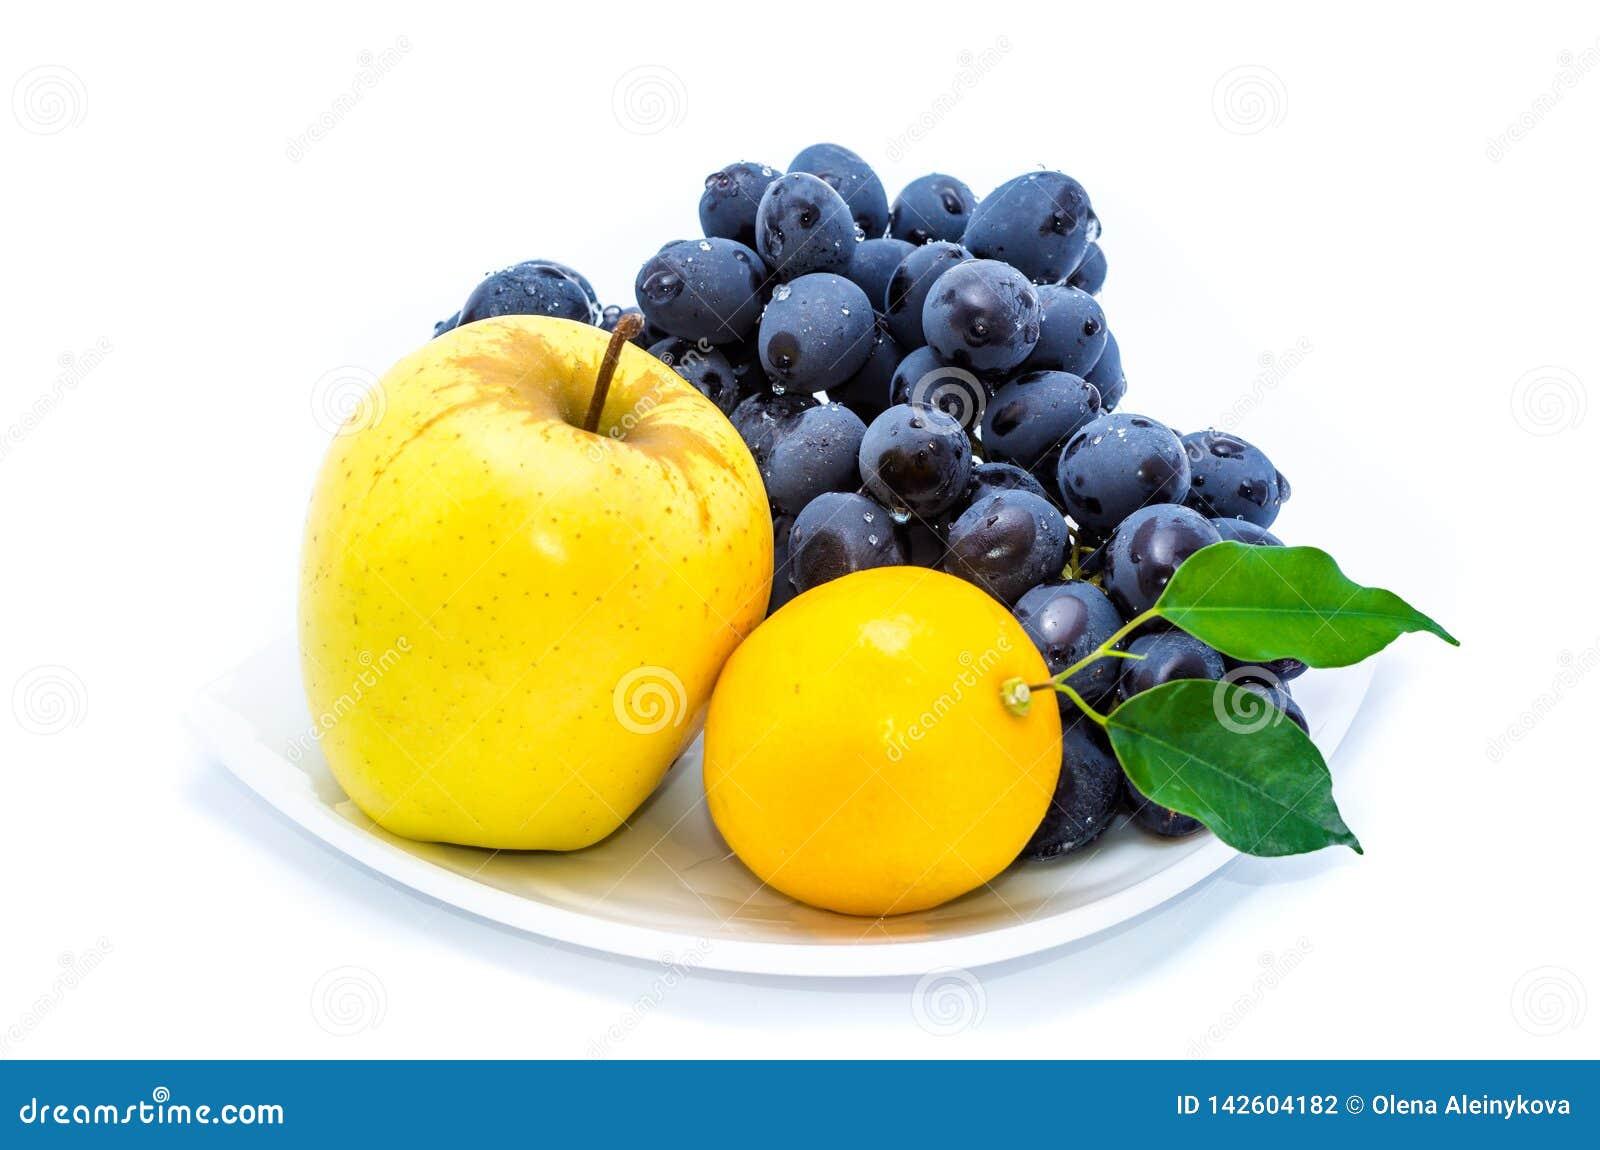 Błękitni winogrona z żółtym jabłkiem i cytryną na białym talerzu